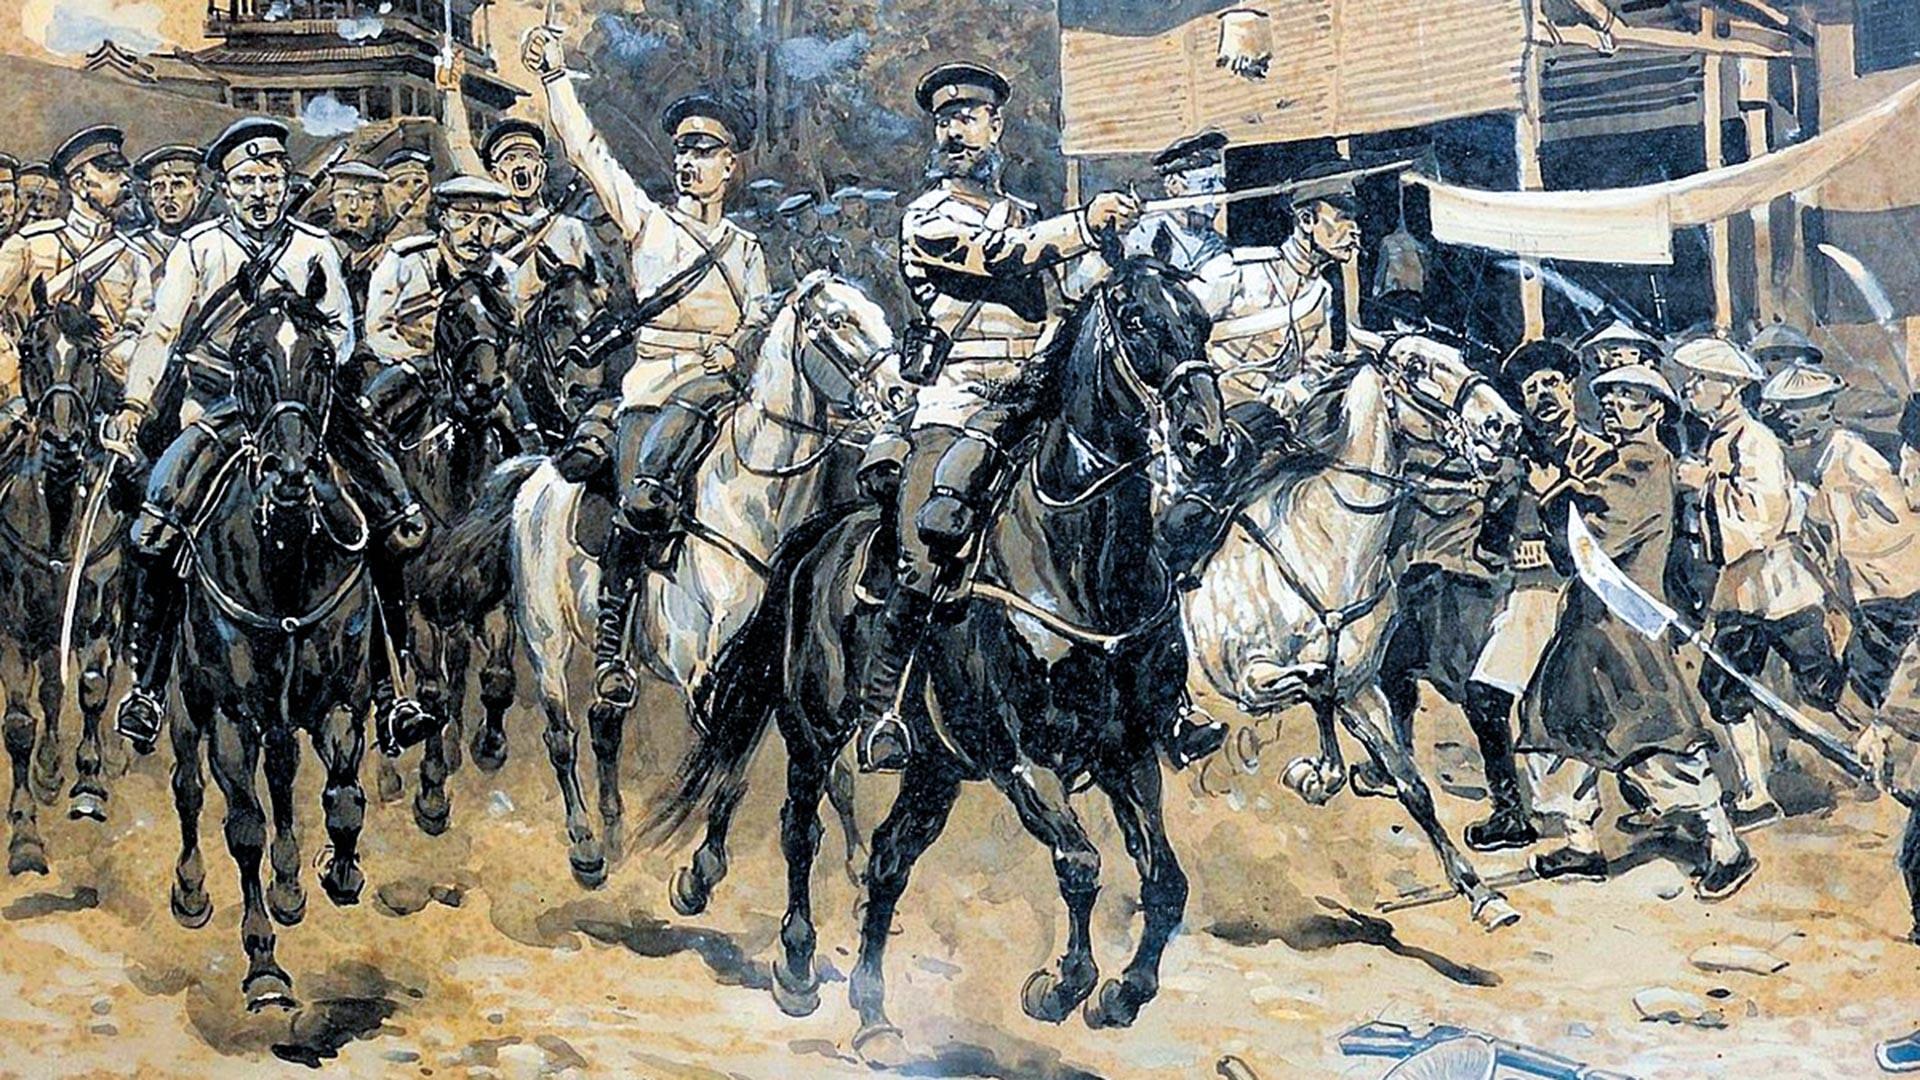 Русская кавалерия в Китае при подавлении Ихэтуаньского восстания.